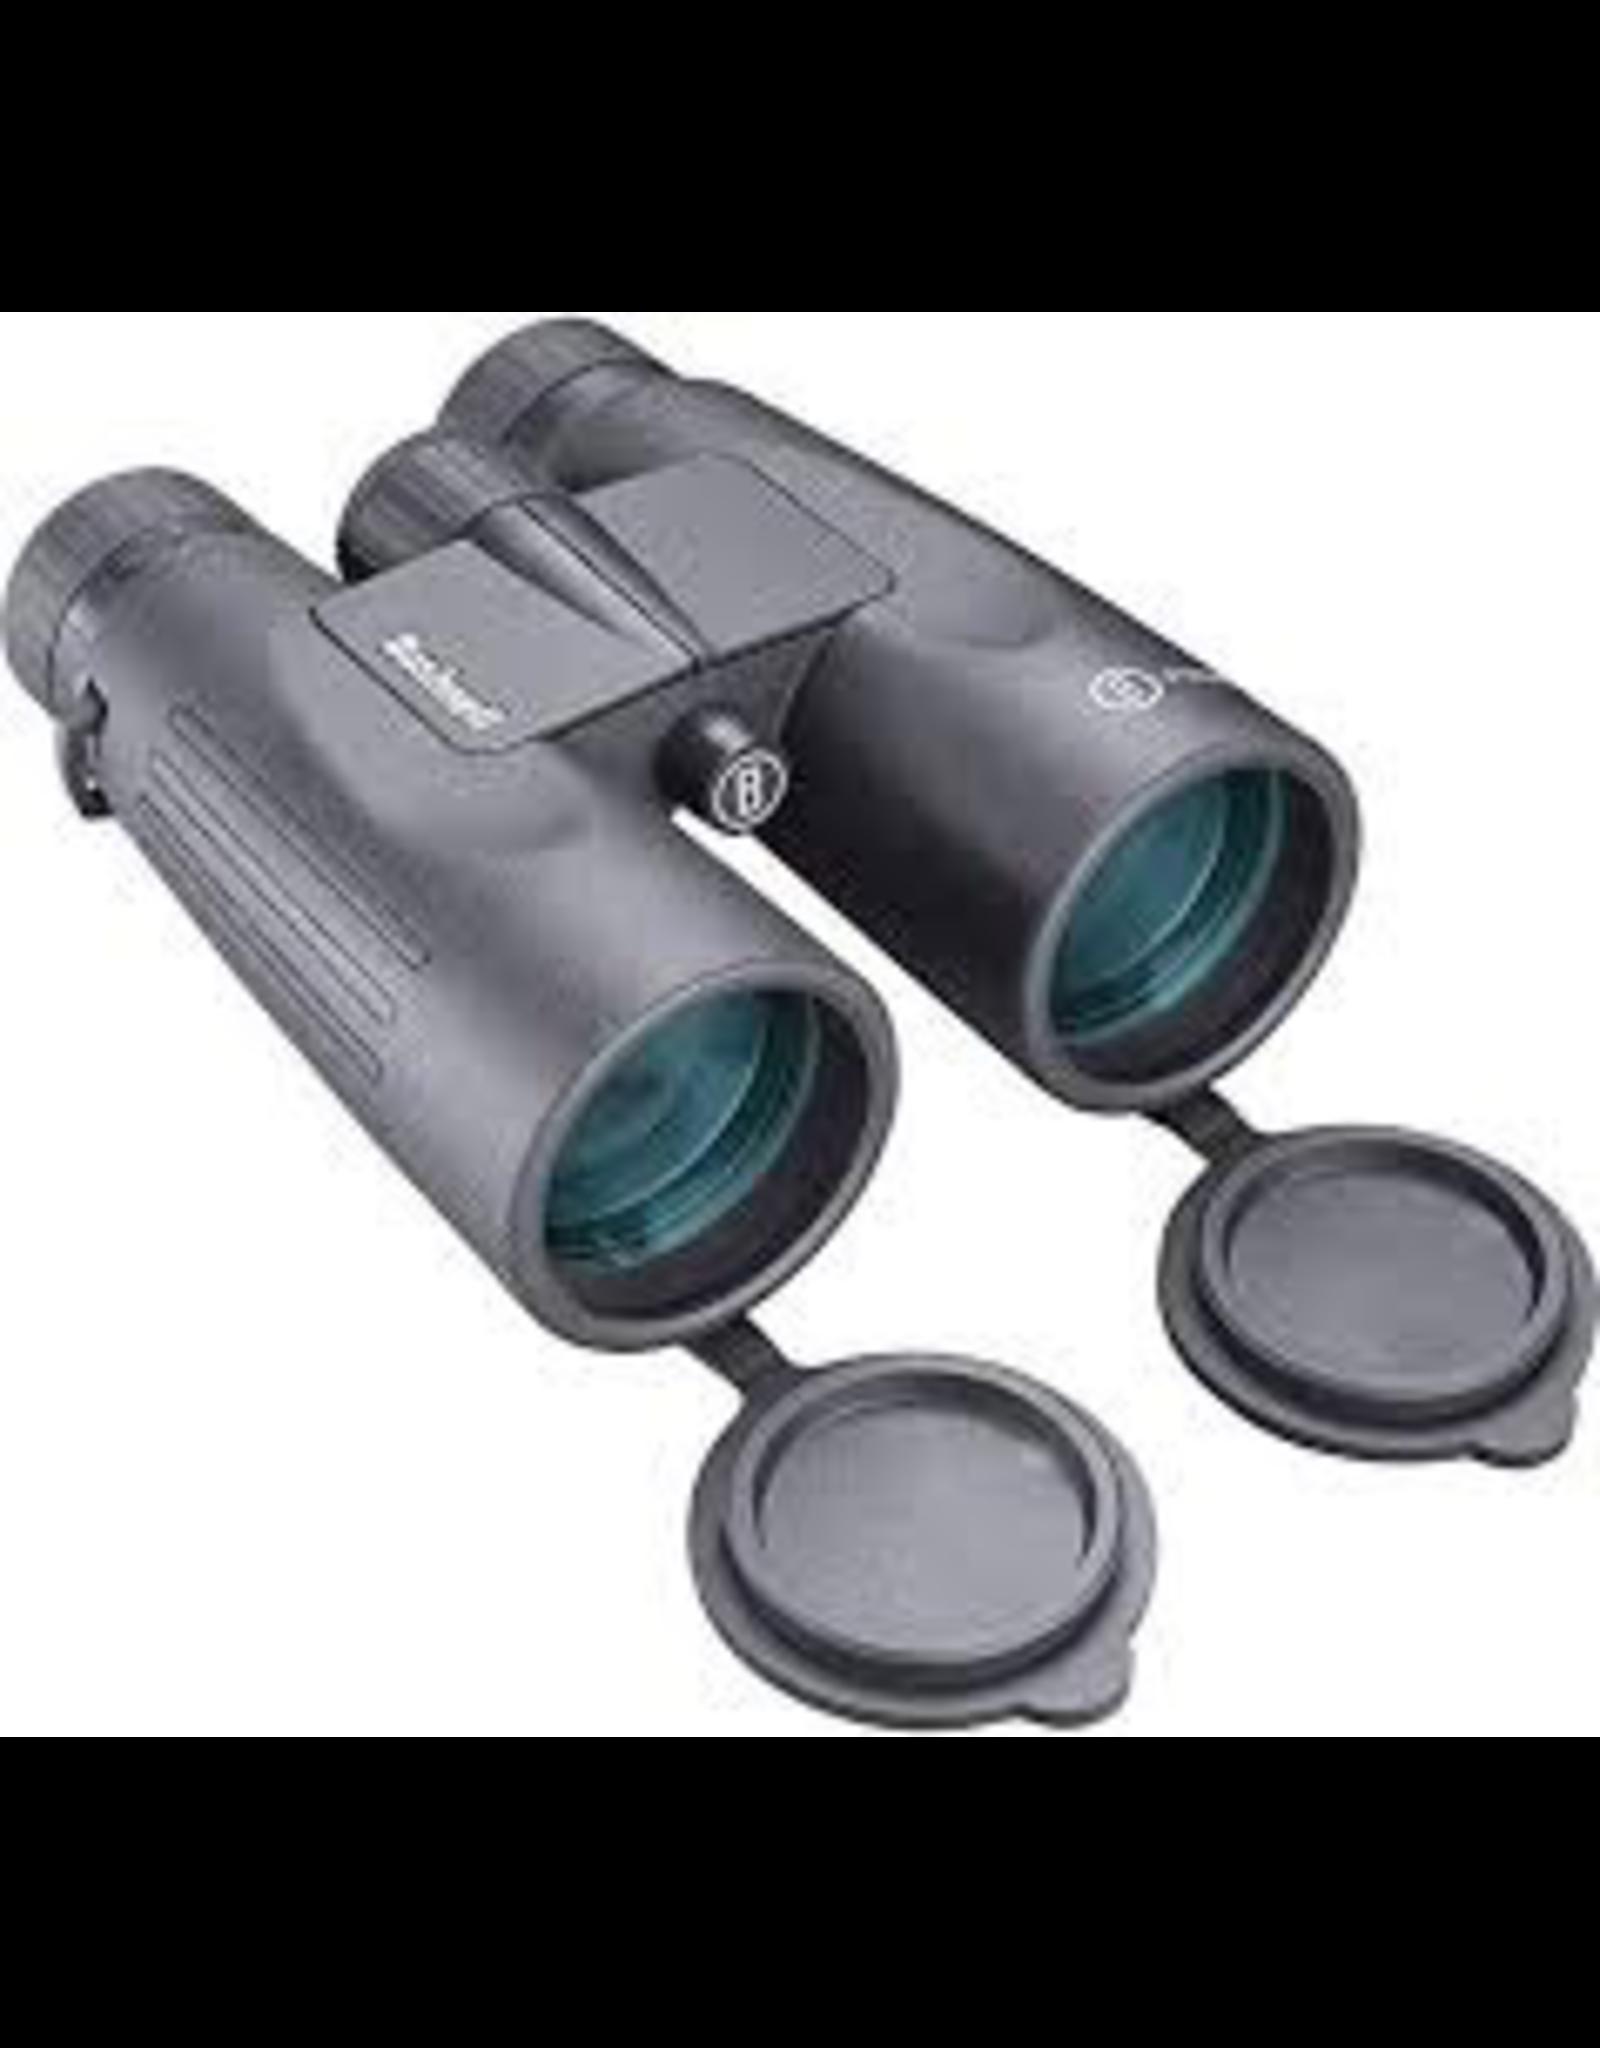 Bushnell Bushnell Binocular Prime Black Roof Prism Waterproof, Fog Proof, 12x50